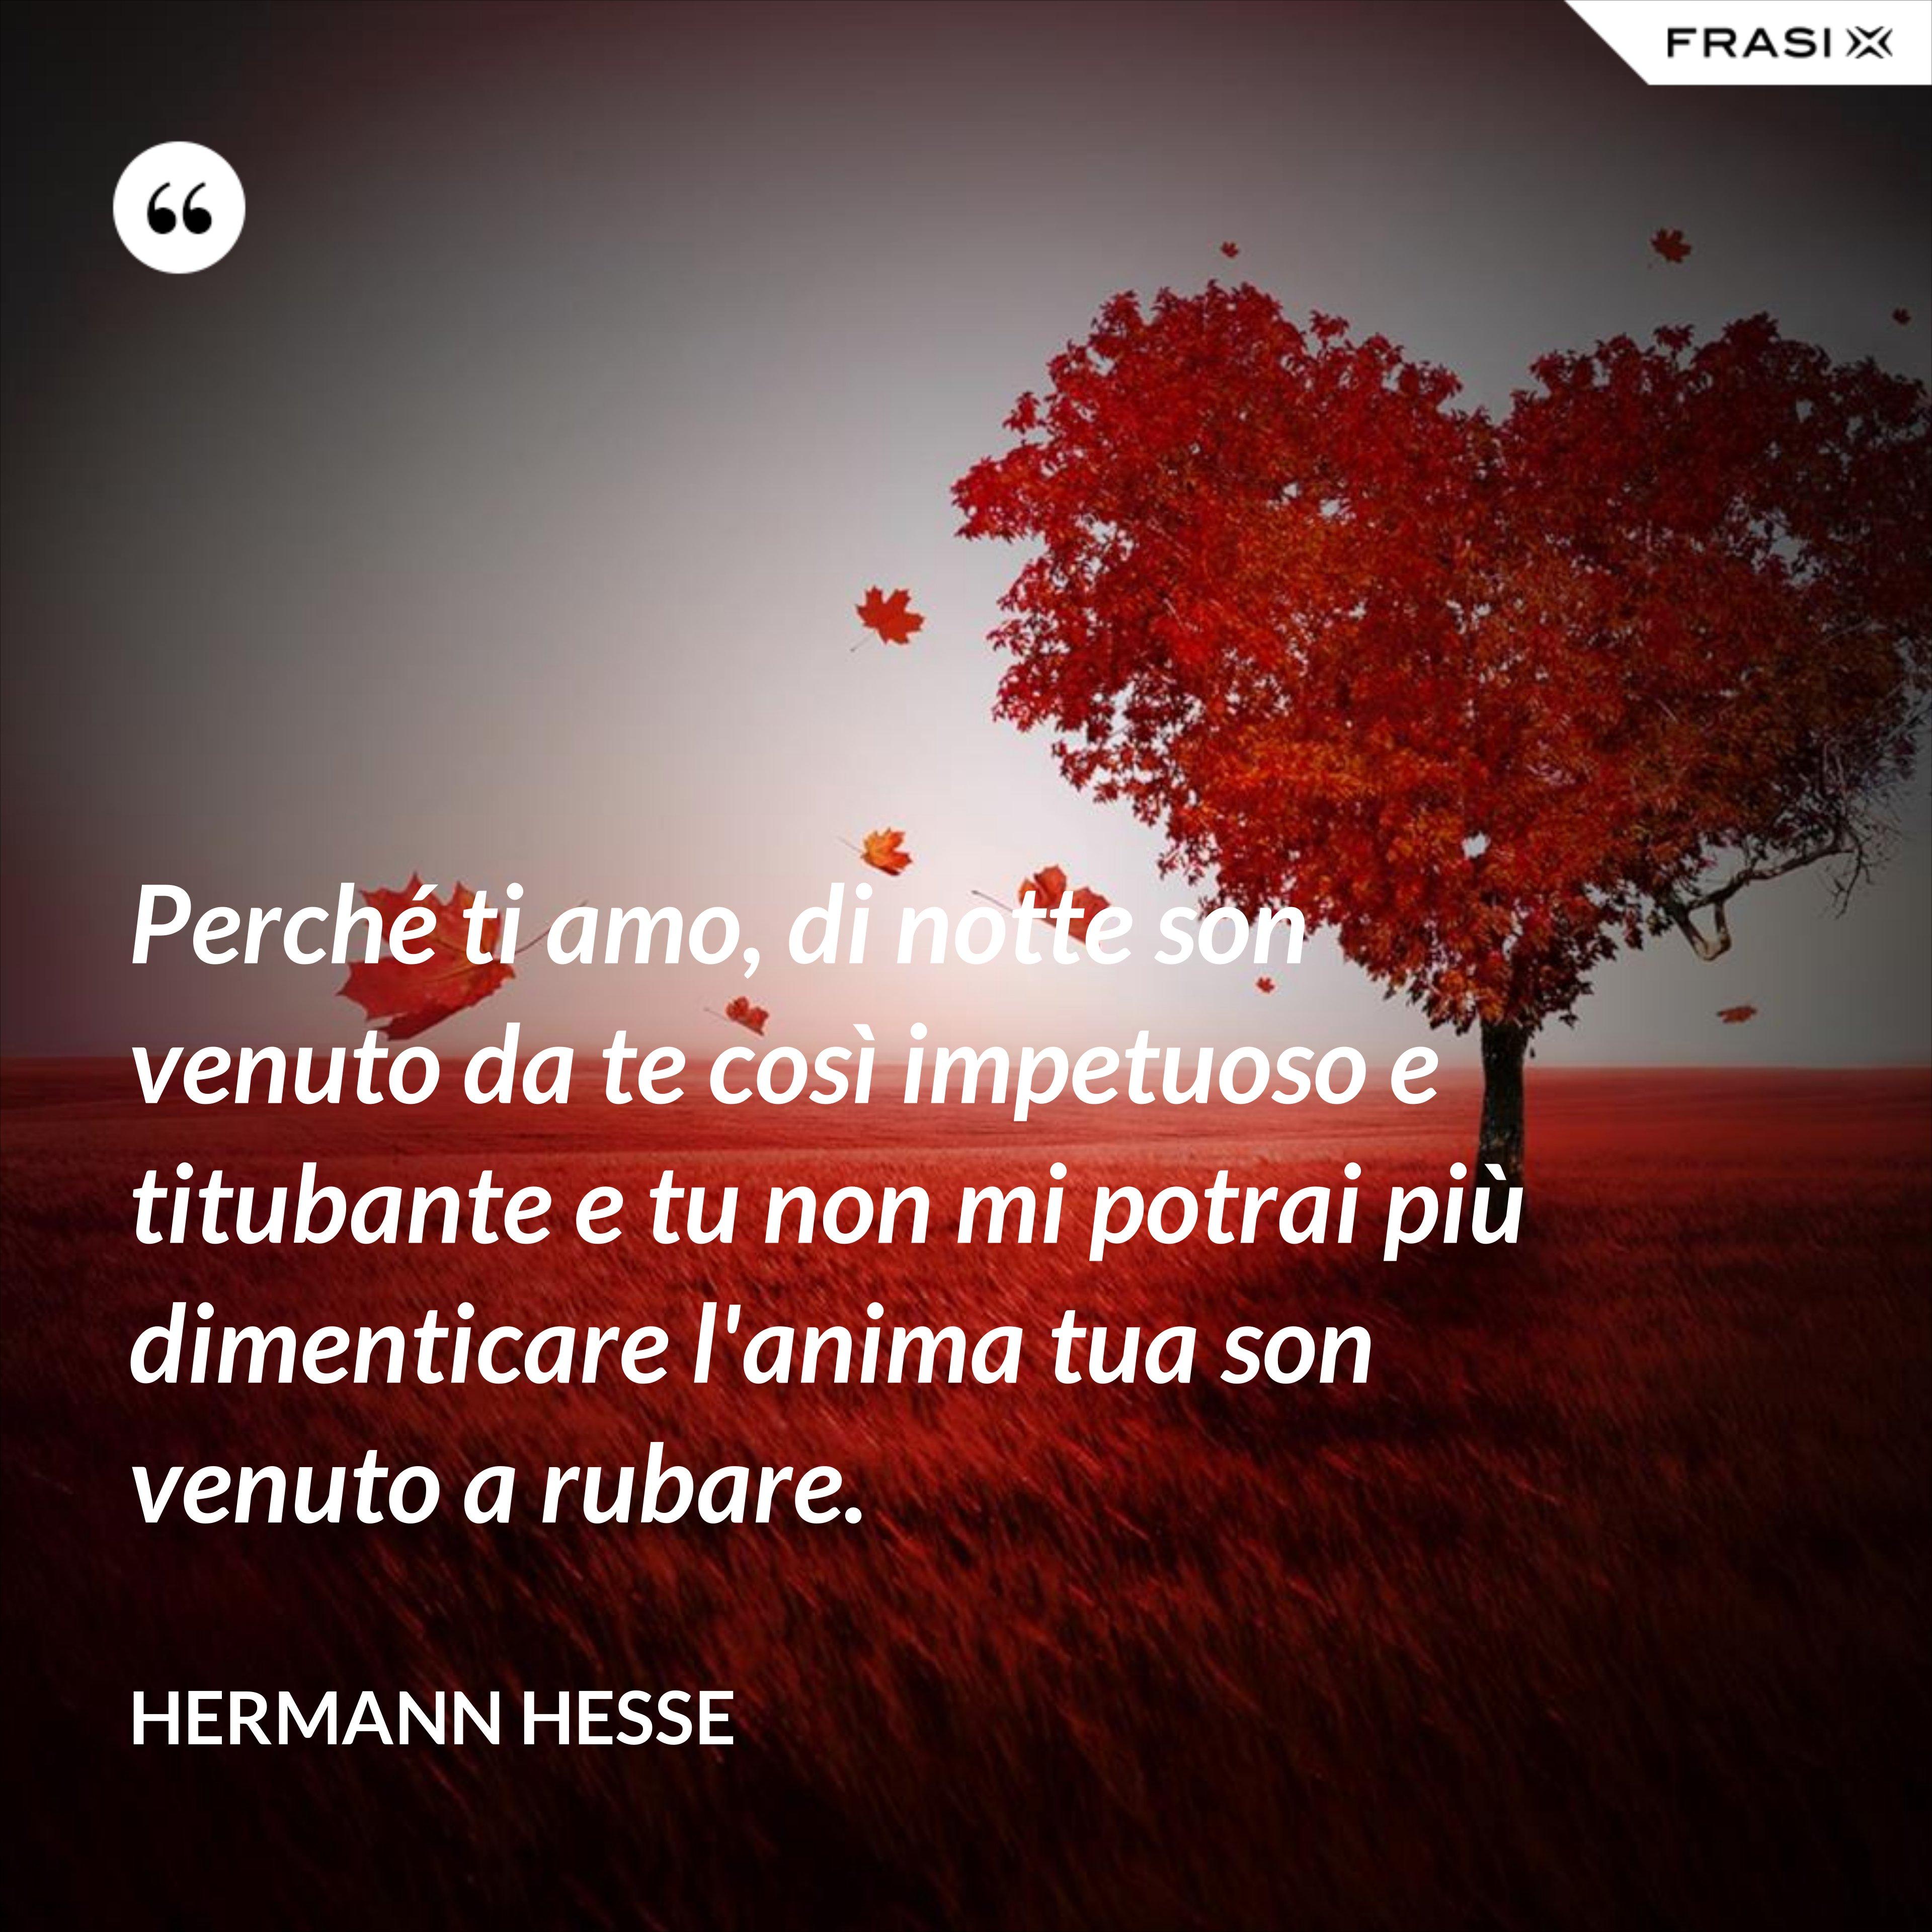 Perché ti amo, di notte son venuto da te così impetuoso e titubante e tu non mi potrai più dimenticare l'anima tua son venuto a rubare. - Hermann Hesse